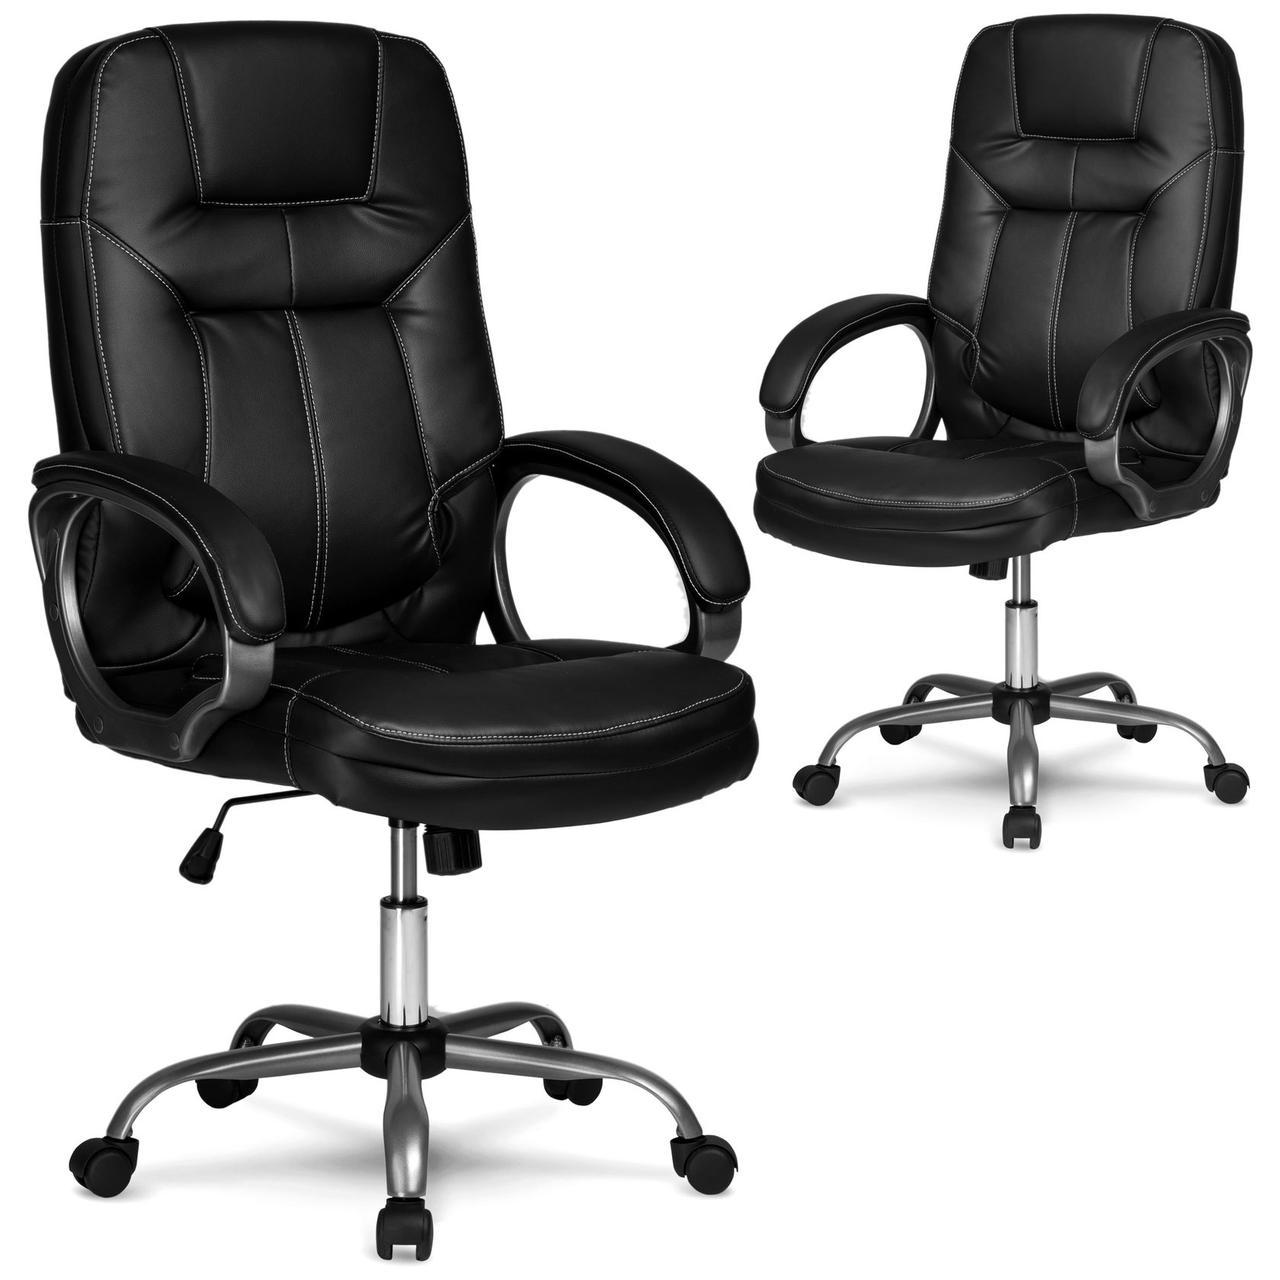 Офисное компьютерное кресло Sofotel EAGO 355 черное Нагрузка 120 кг